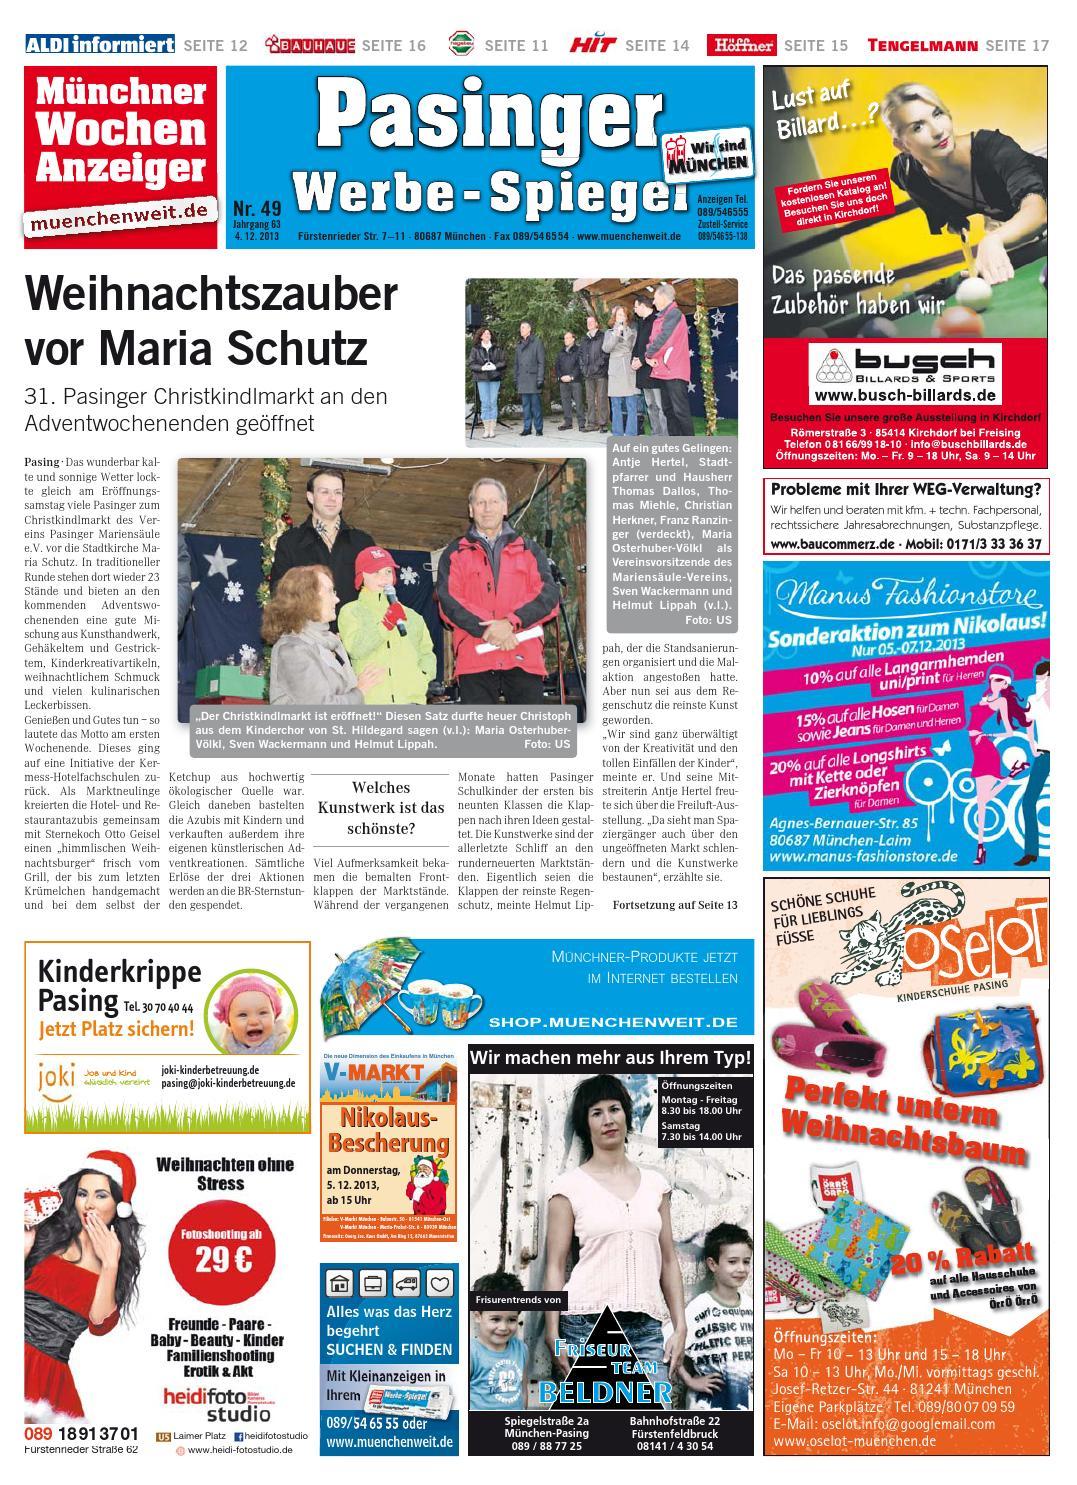 Der Sitzmacher kw 49 2013 by wochenanzeiger medien gmbh issuu